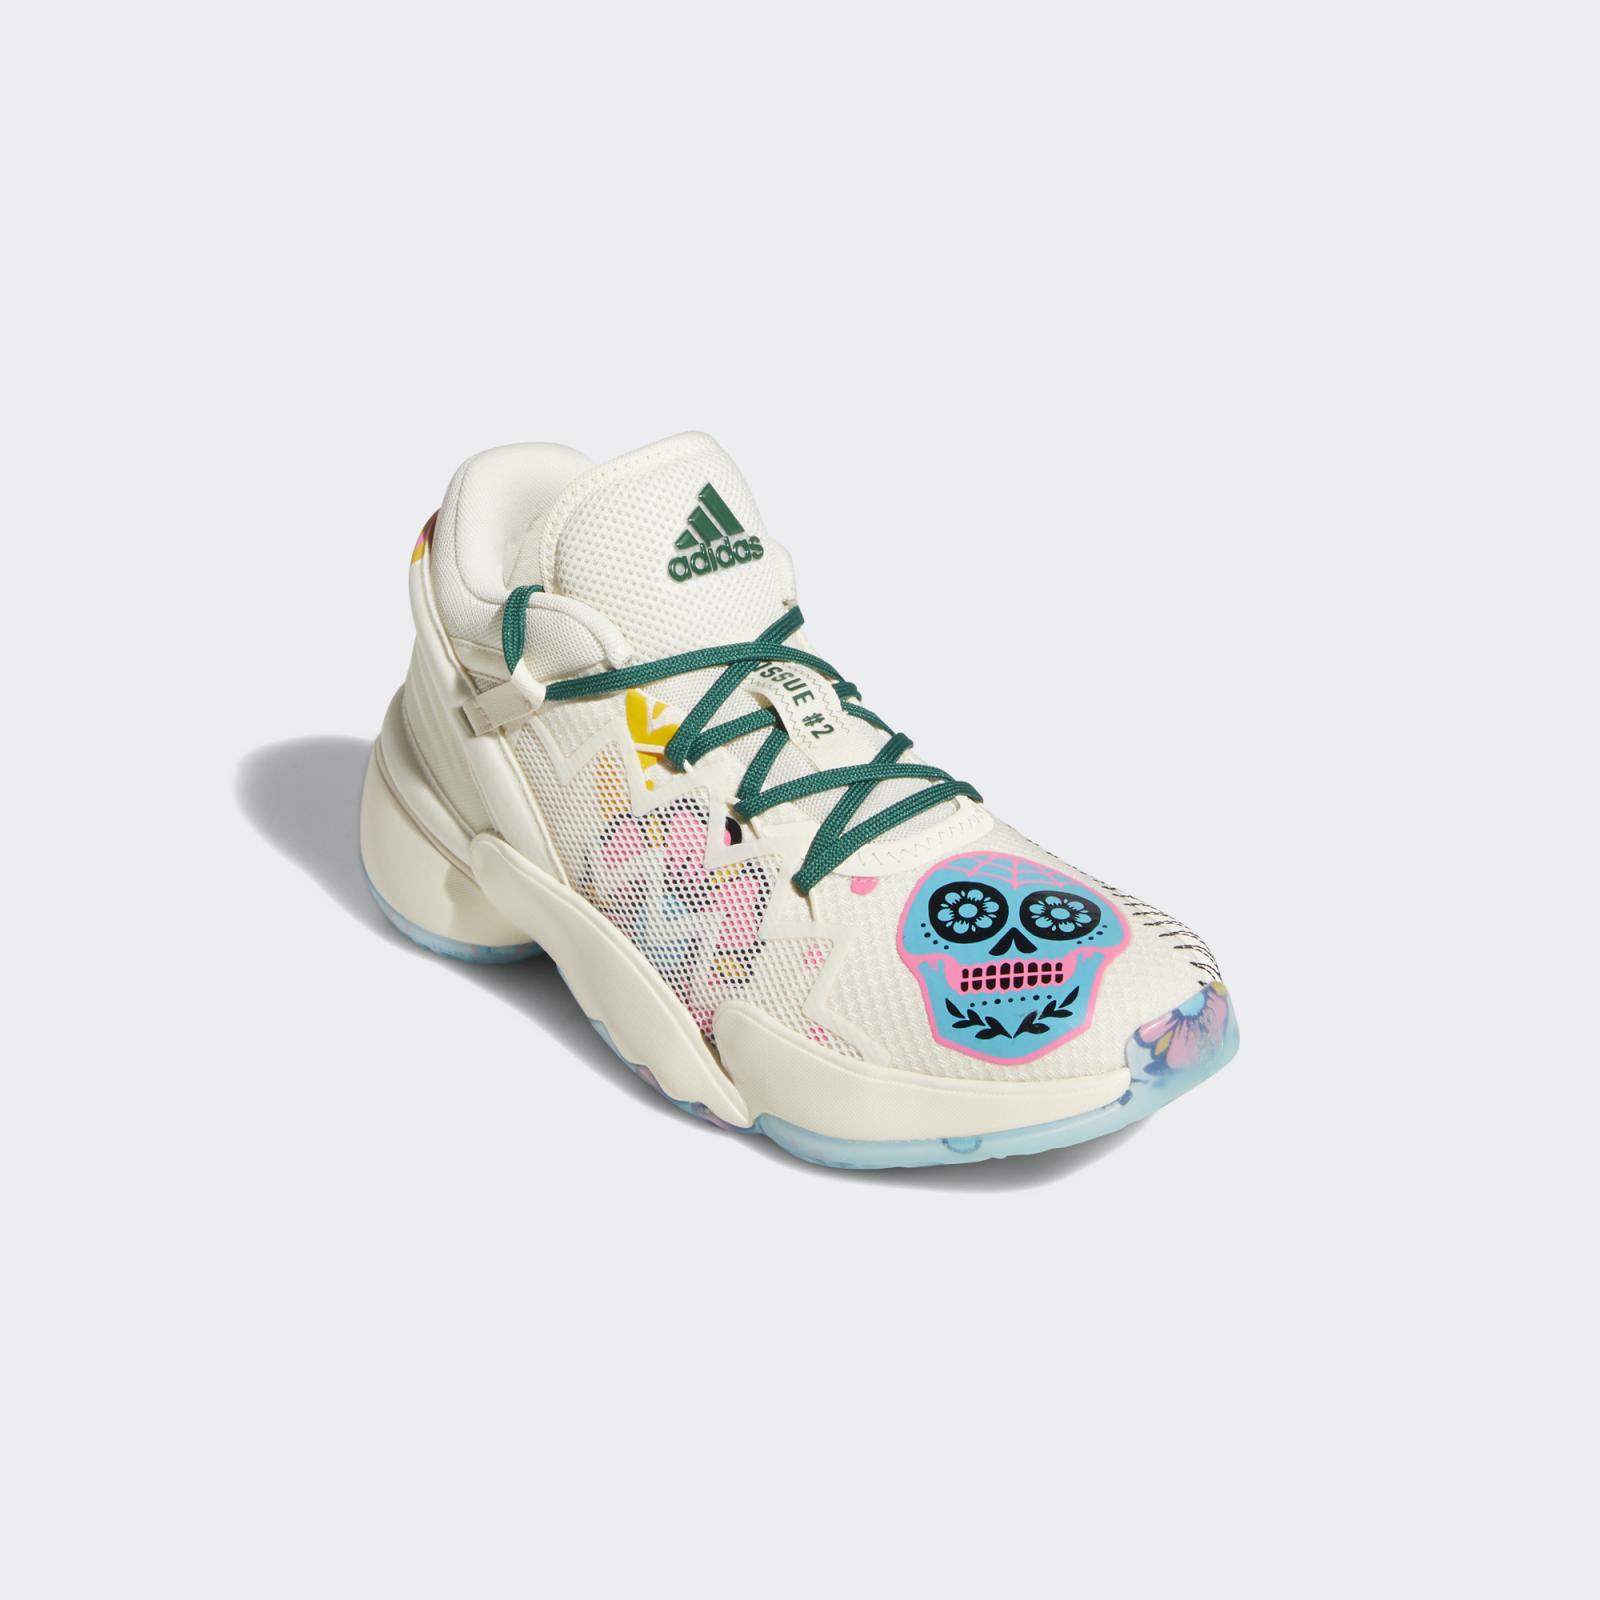 亡灵节限定米白色adidas D.O.N. Issue 2 GCA即将登陆大中华地区